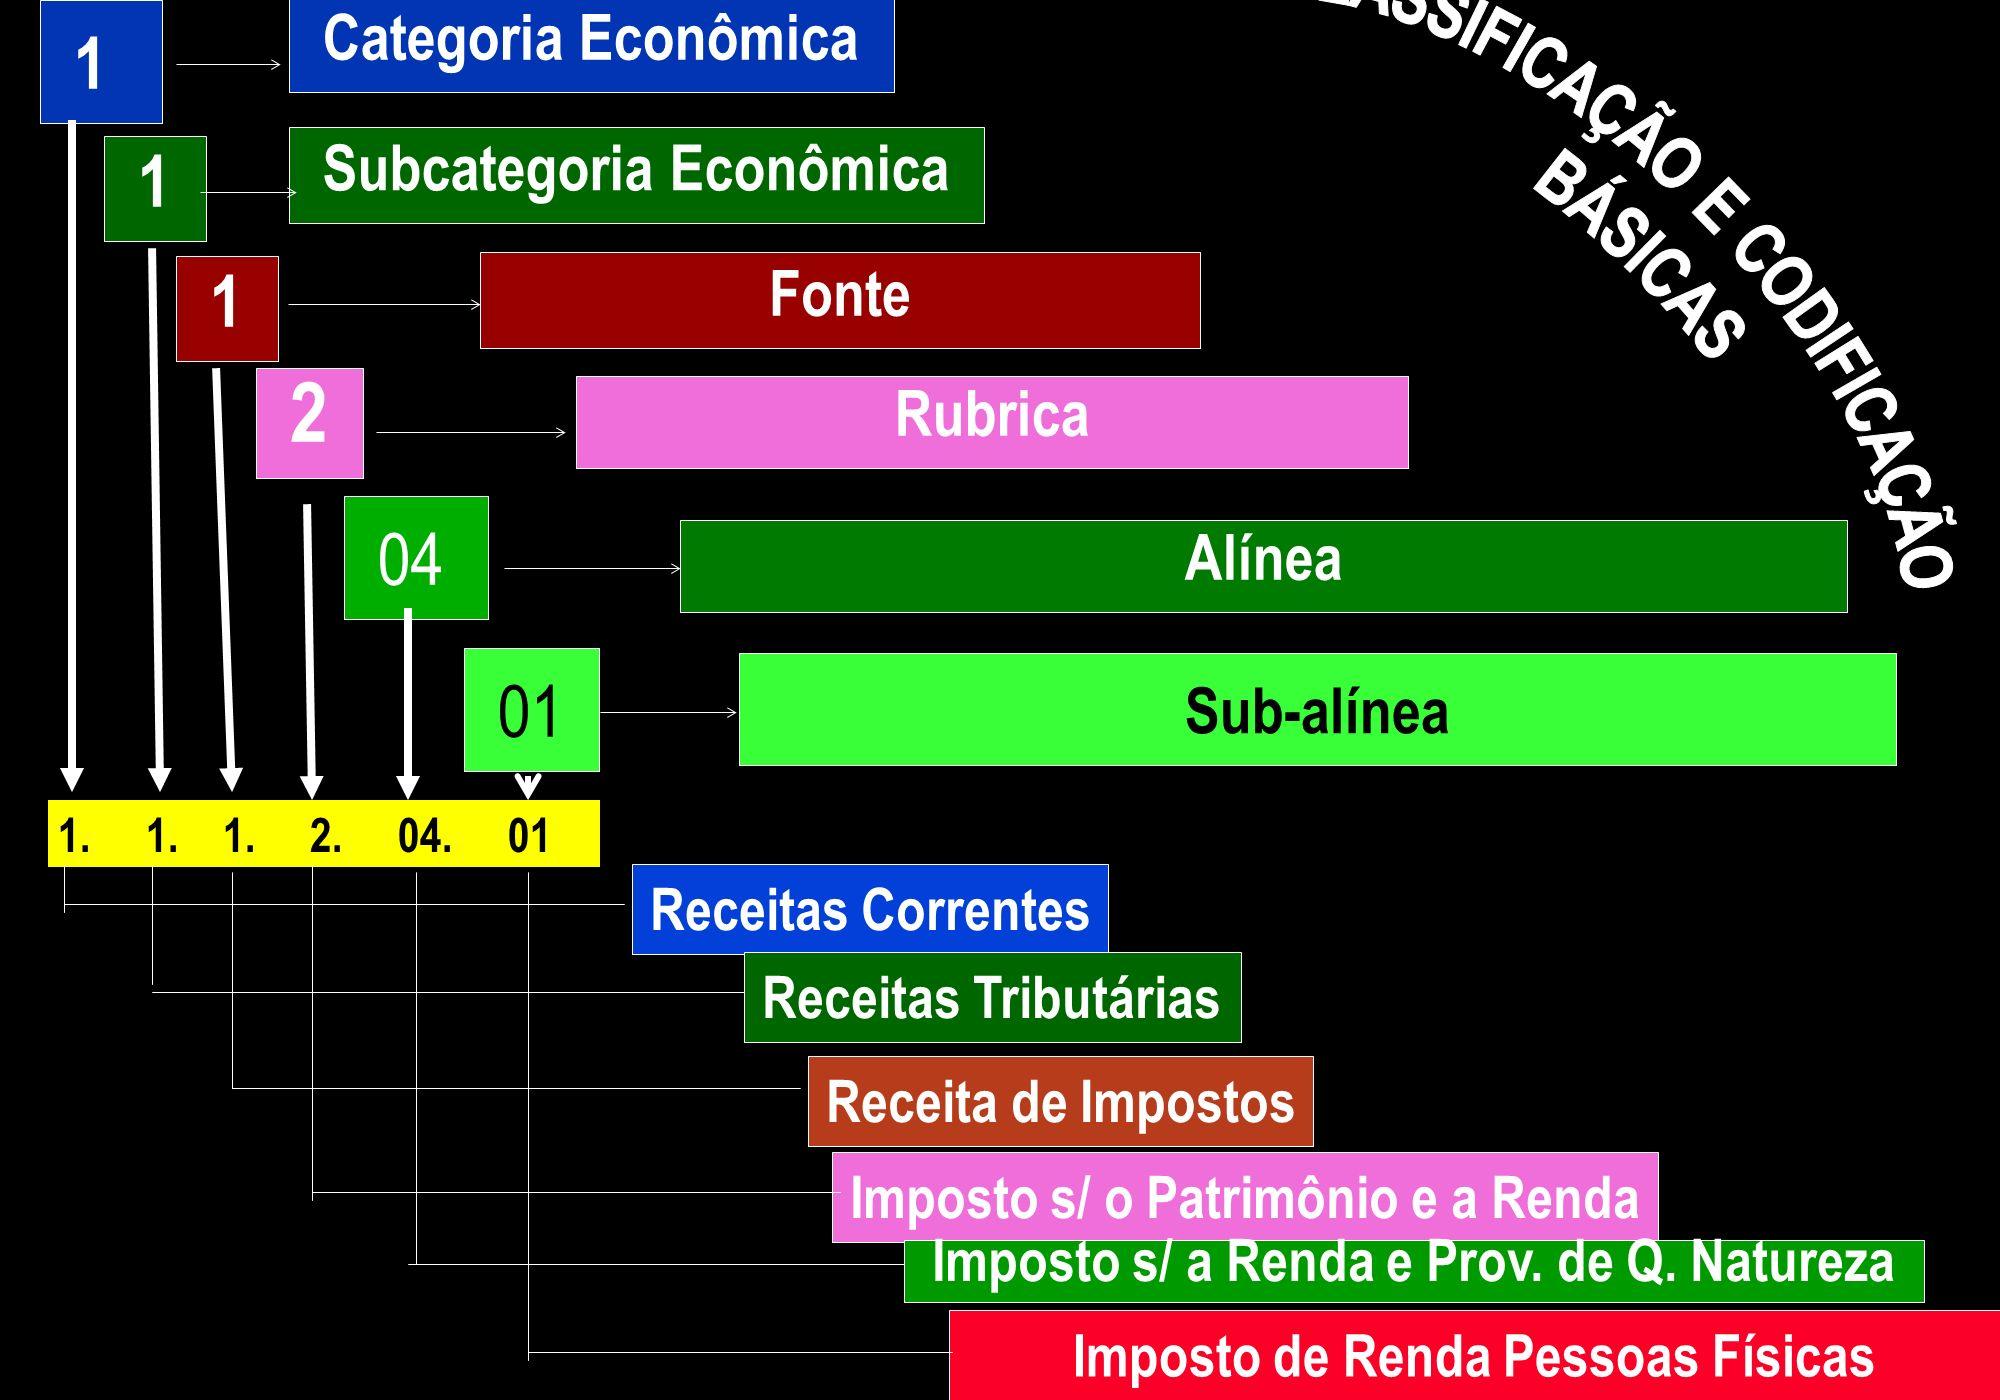 1 Categoria Econômica 1 Subcategoria Econômica 1 Fonte 2 Rubrica 04 Alínea 01 Sub-alínea 1. 1. 1. 2. 04. 01 Receitas Correntes Receitas Tributárias Re